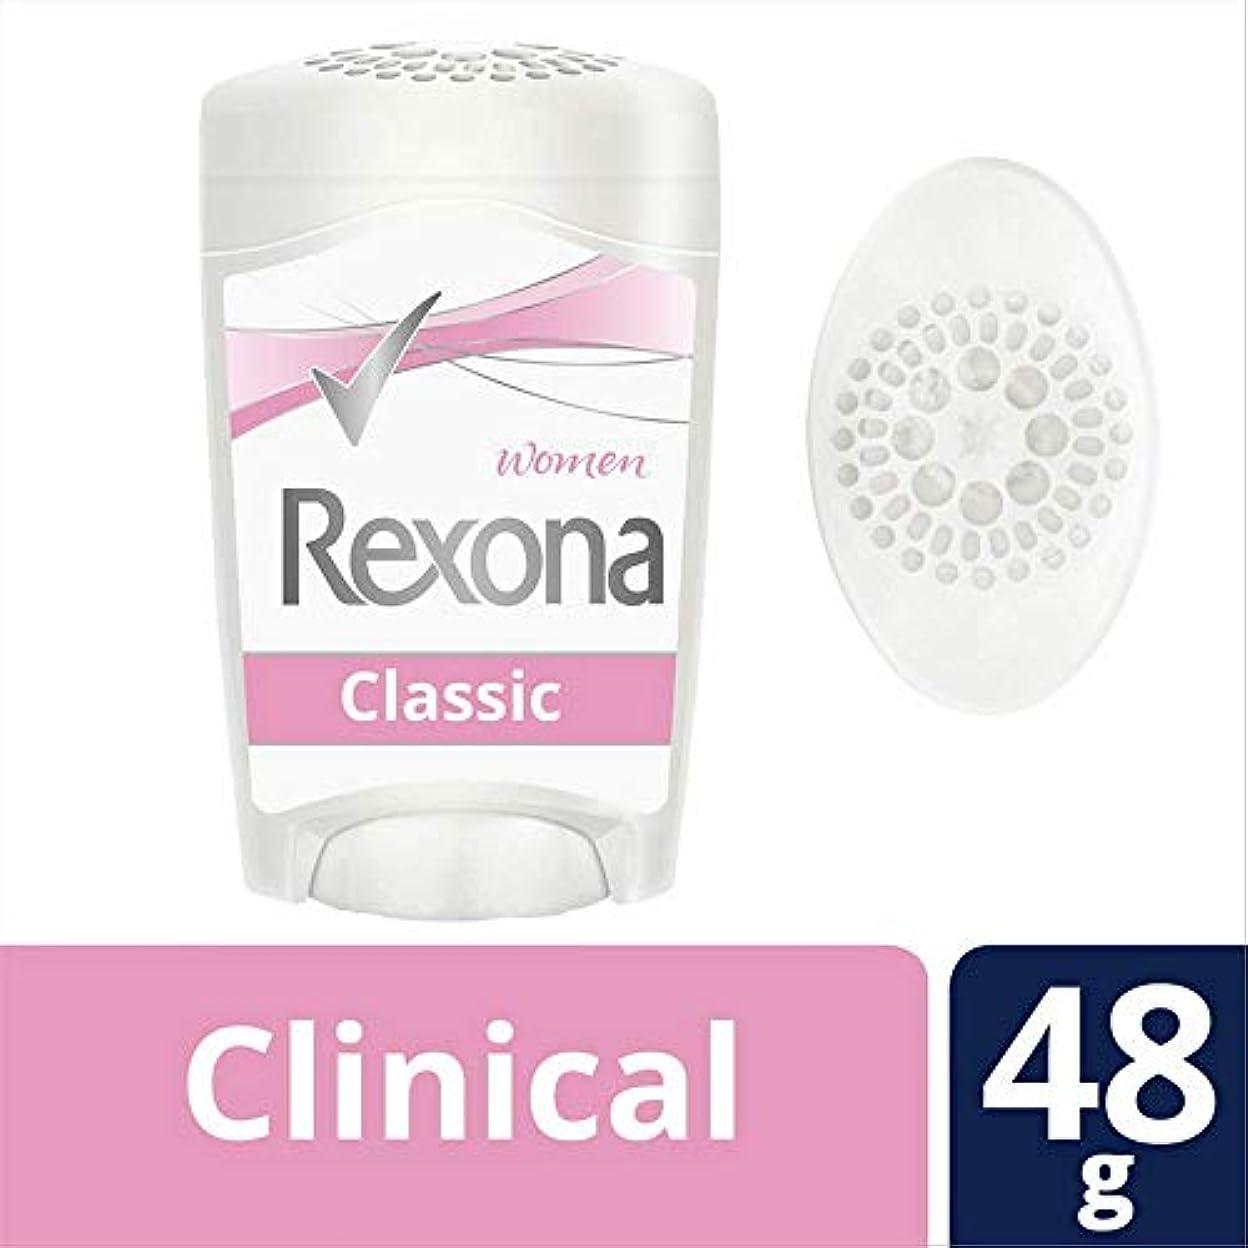 教えて資本主義陰謀Rexona Woman Clinical レクソーナウーマン クリニカル デオドラント 48g